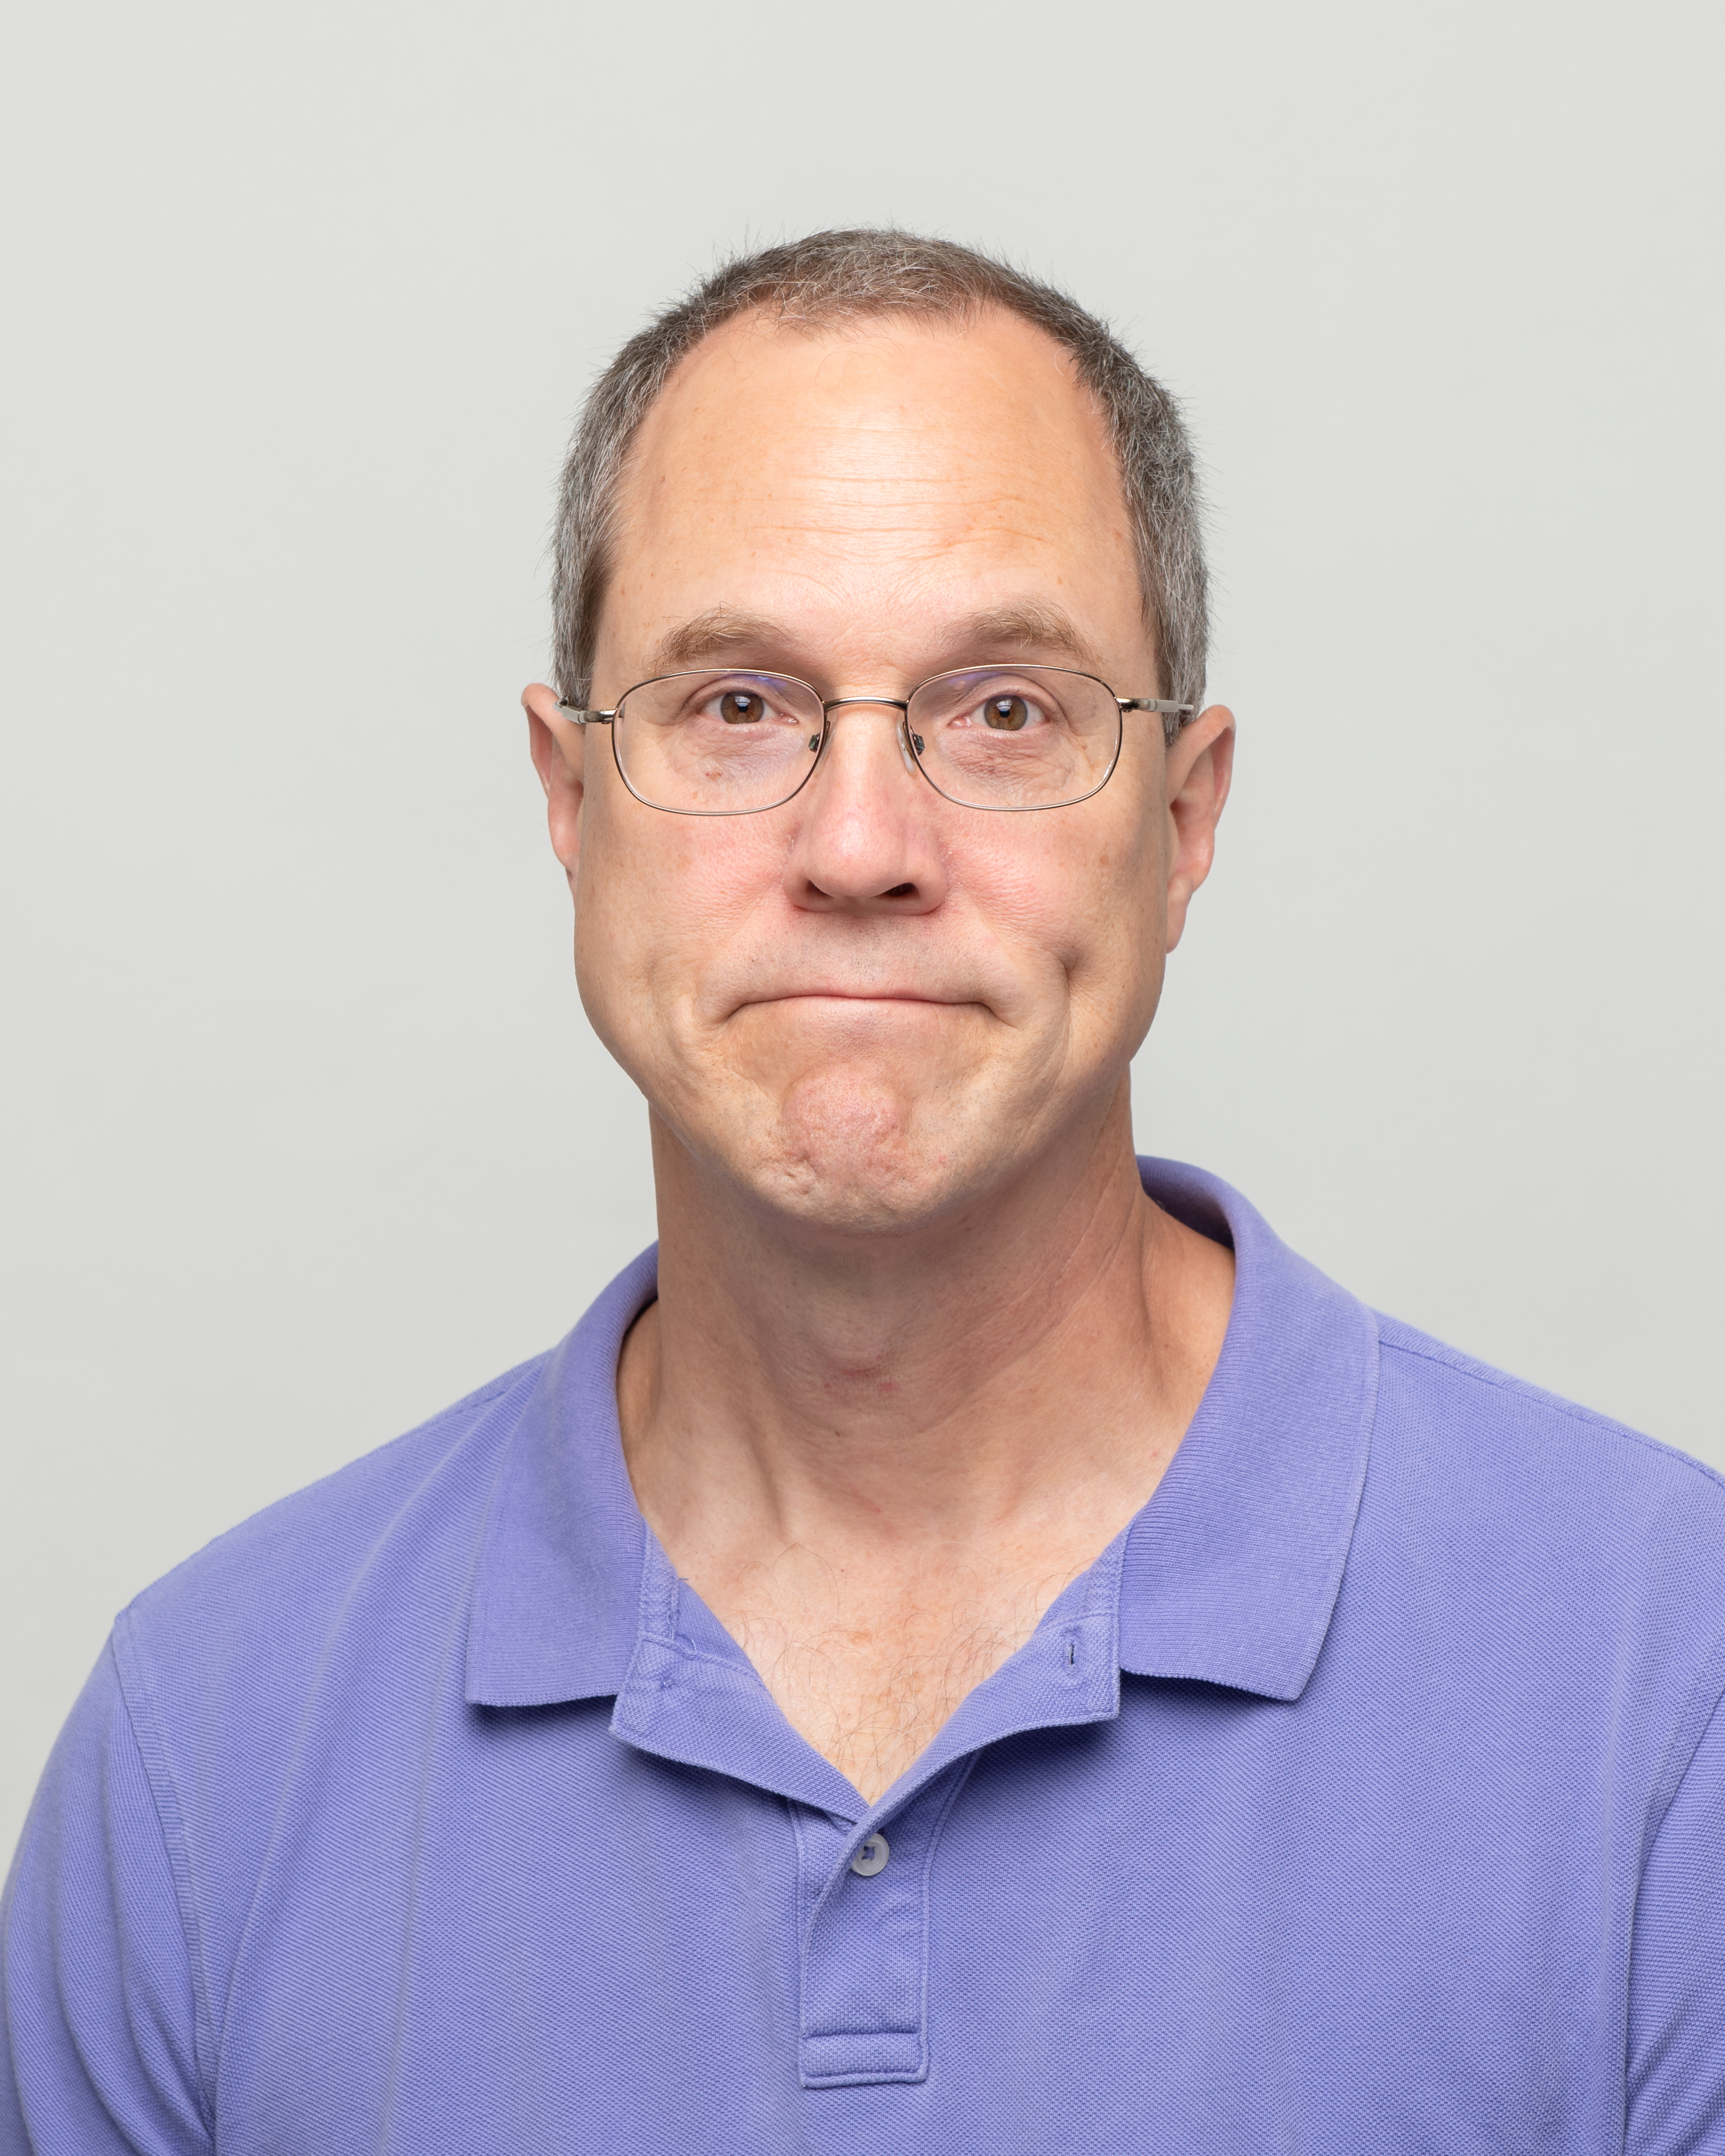 joe hoffert associate professor